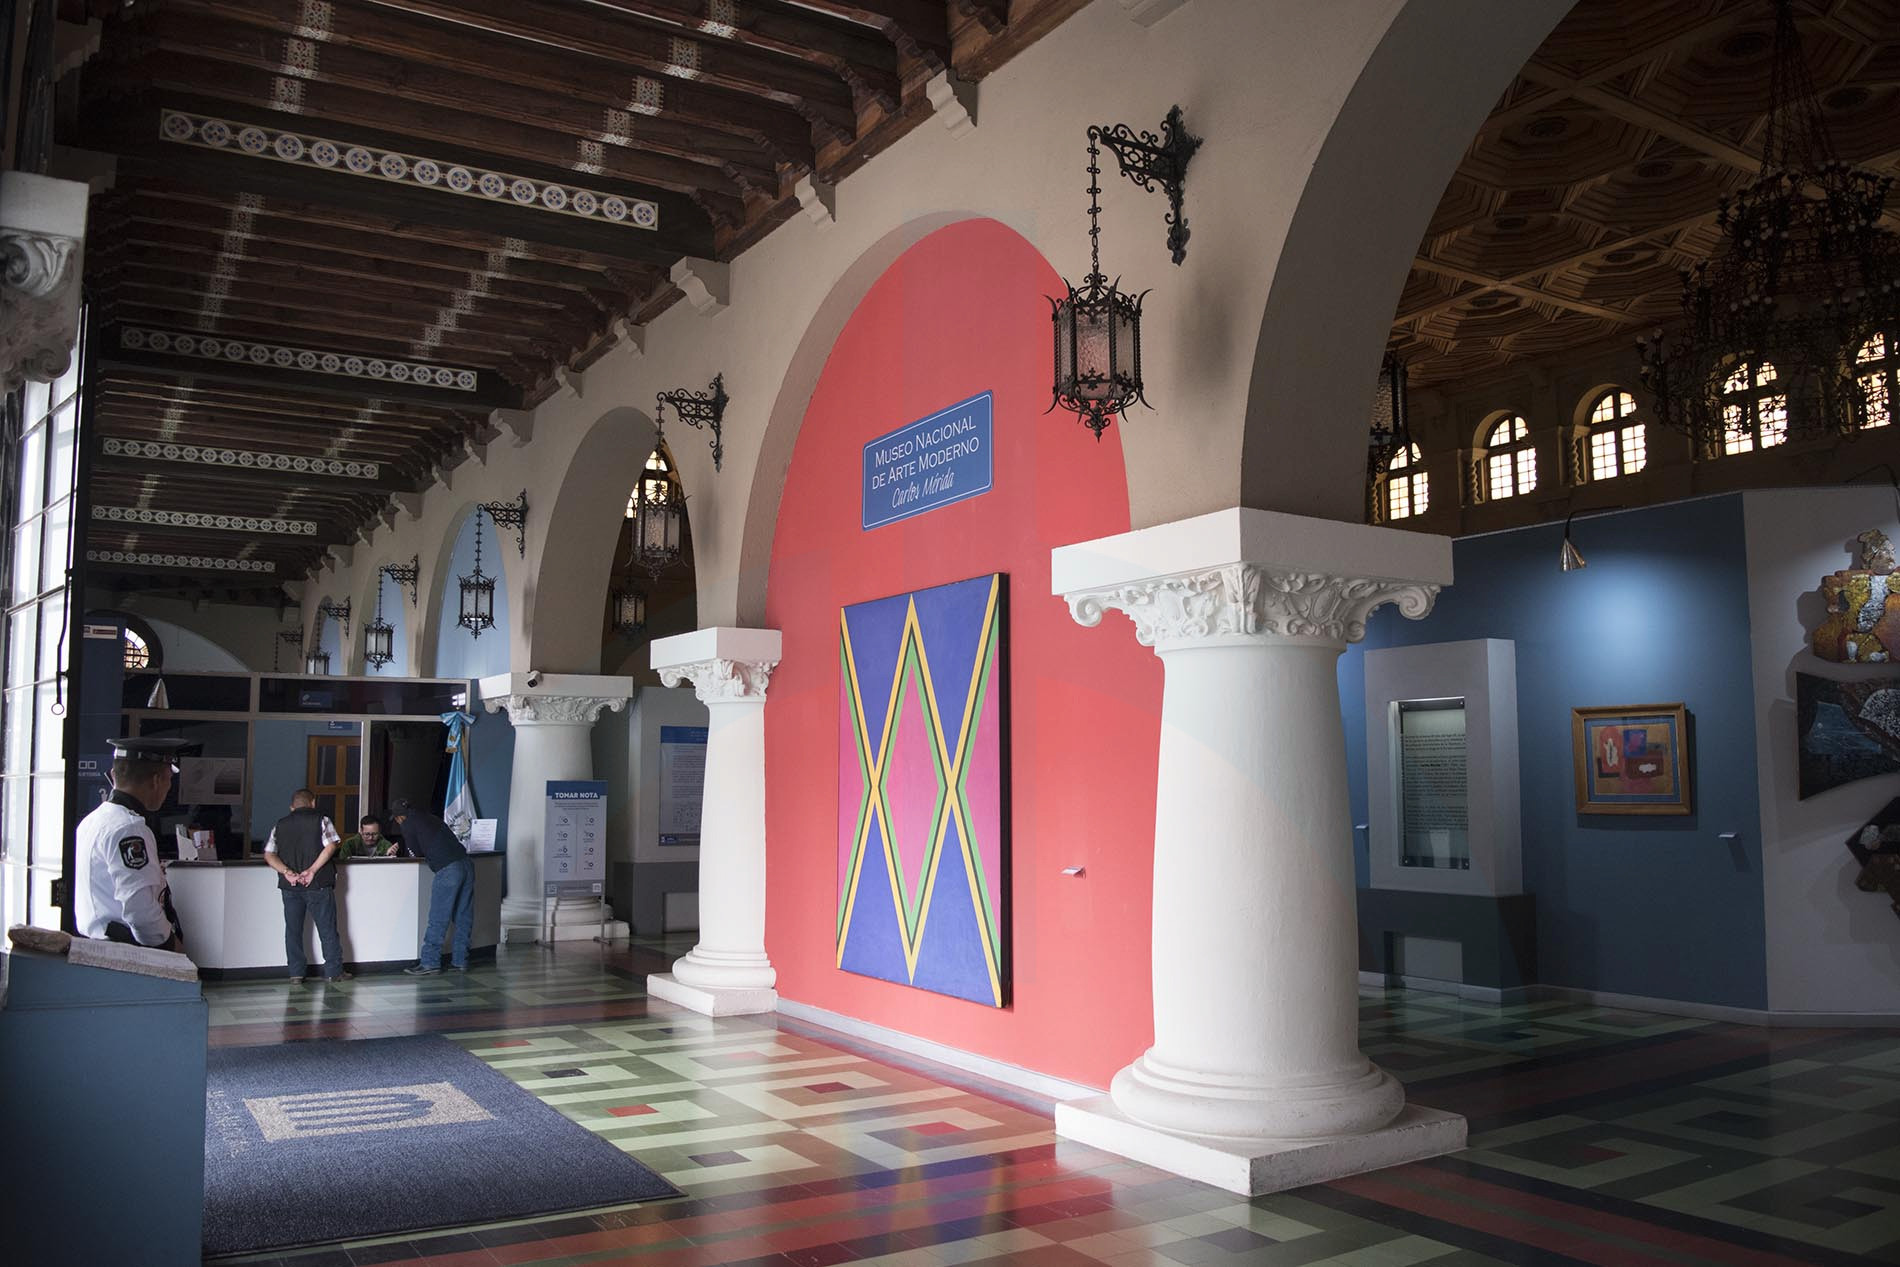 Museo de Arte Moderno Carlos Mérida